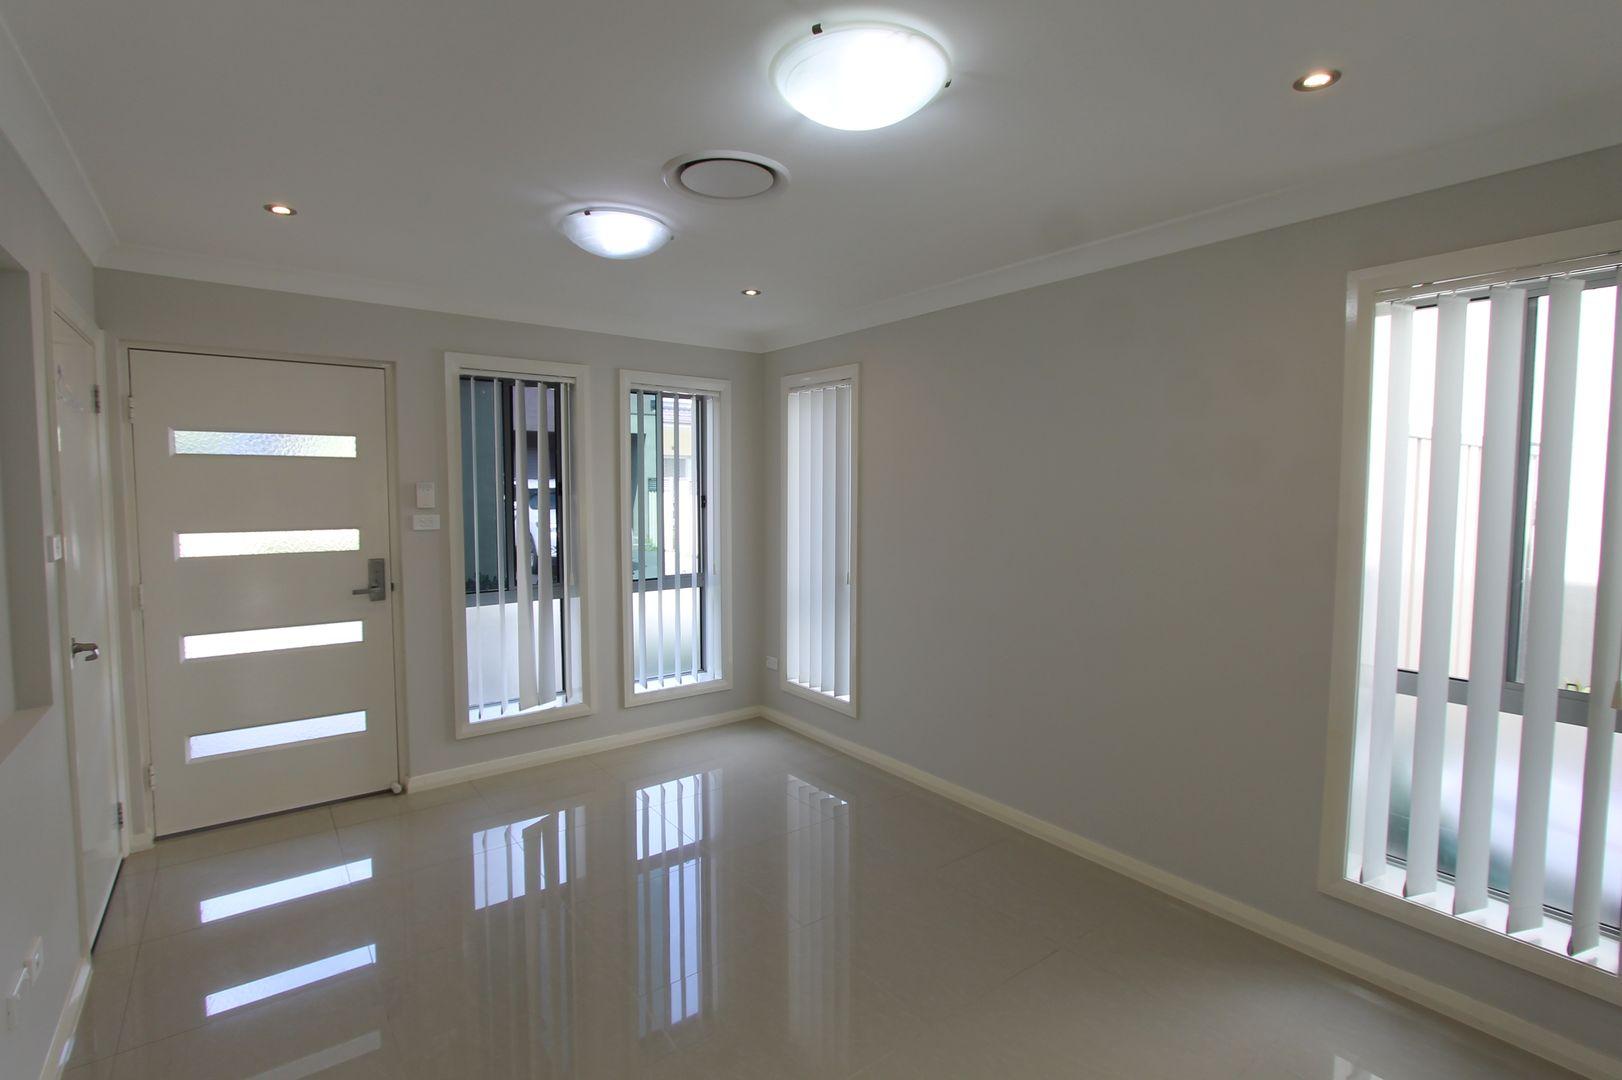 55/131 Hyatts Rd, Plumpton NSW 2761, Image 1